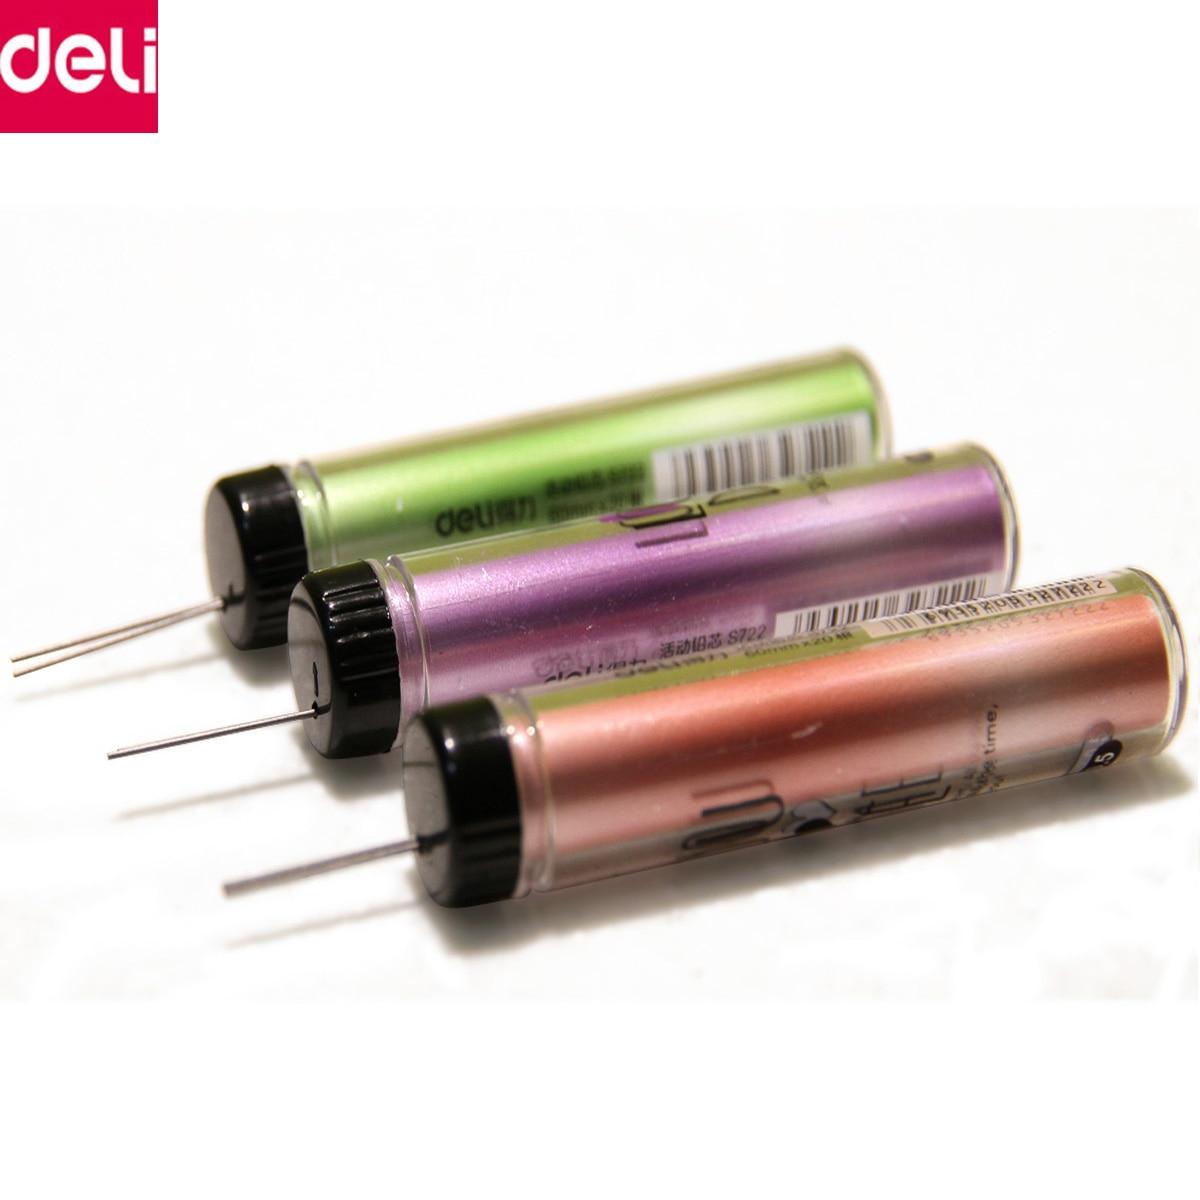 Liquid Lead Pencil Aliexpresscom Buy Deli Stationery 2pcs Mechanical Pencil Lead